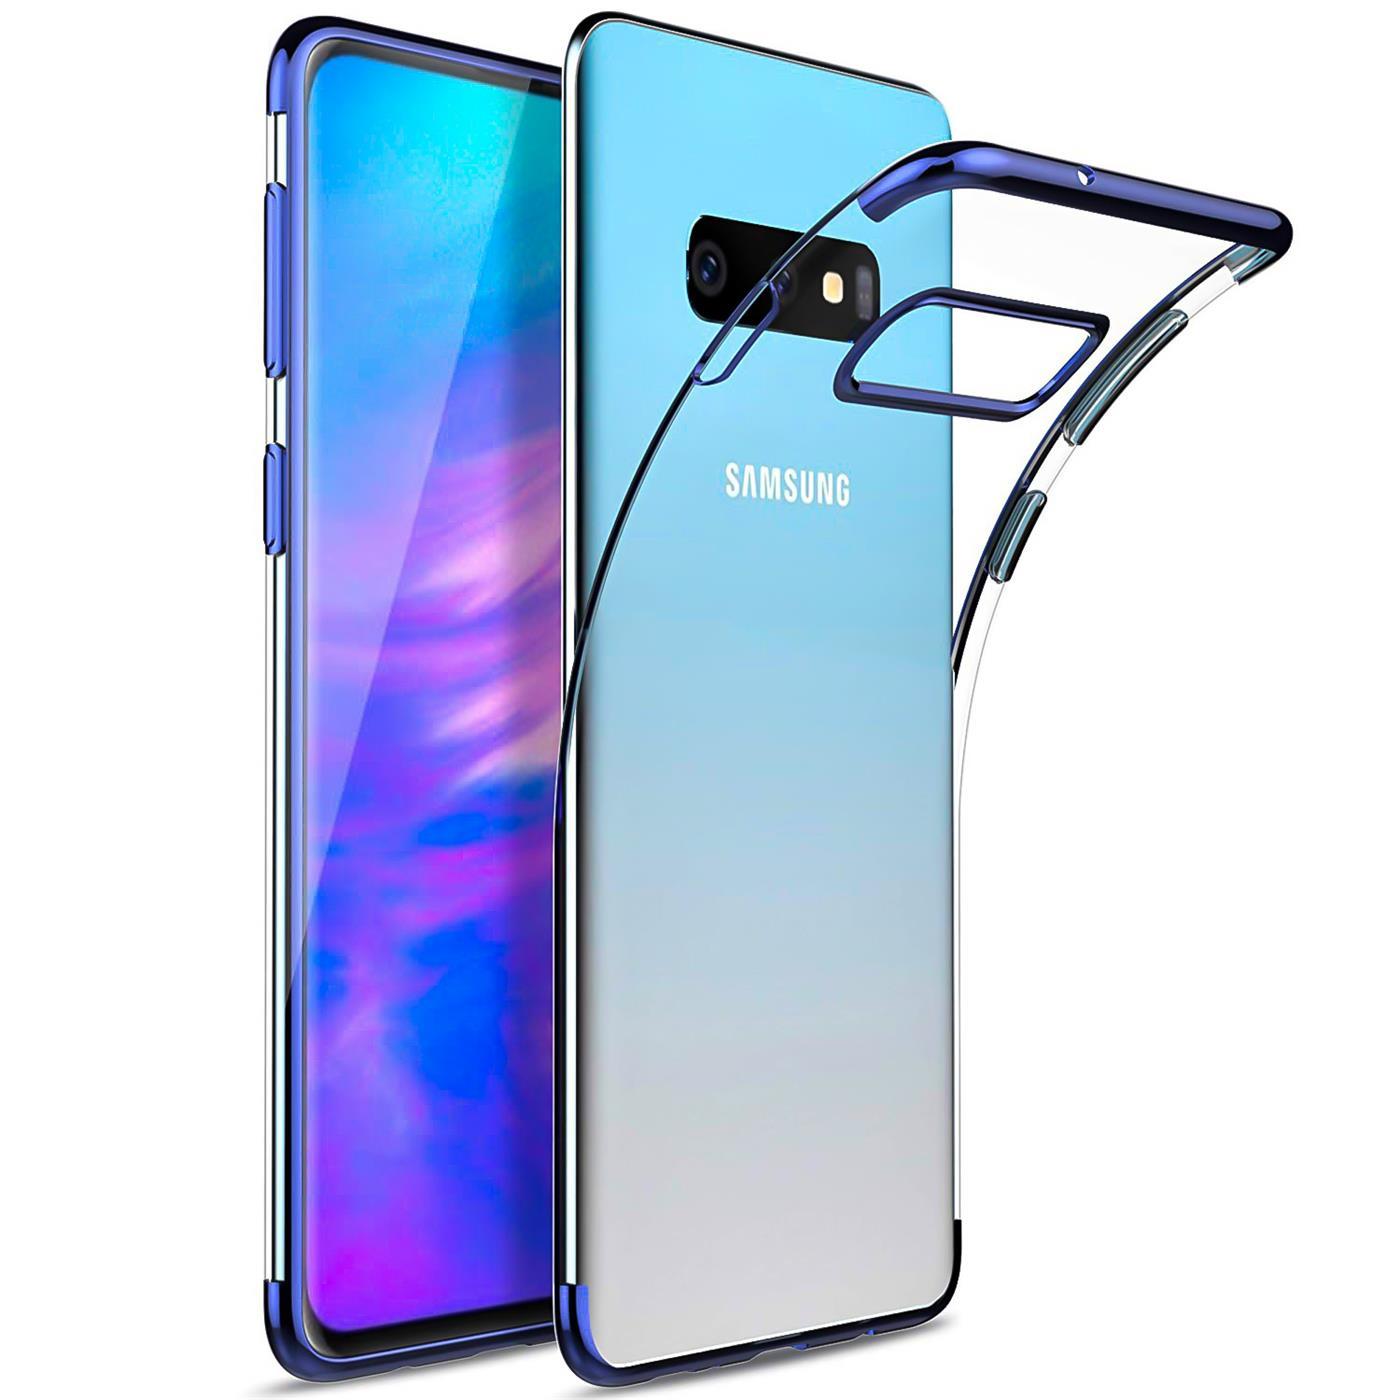 Samsung-Galaxy-S10-Huelle-Schutzhuelle-Handy-Tasche-Slim-Cover-Case-Transparent Indexbild 16